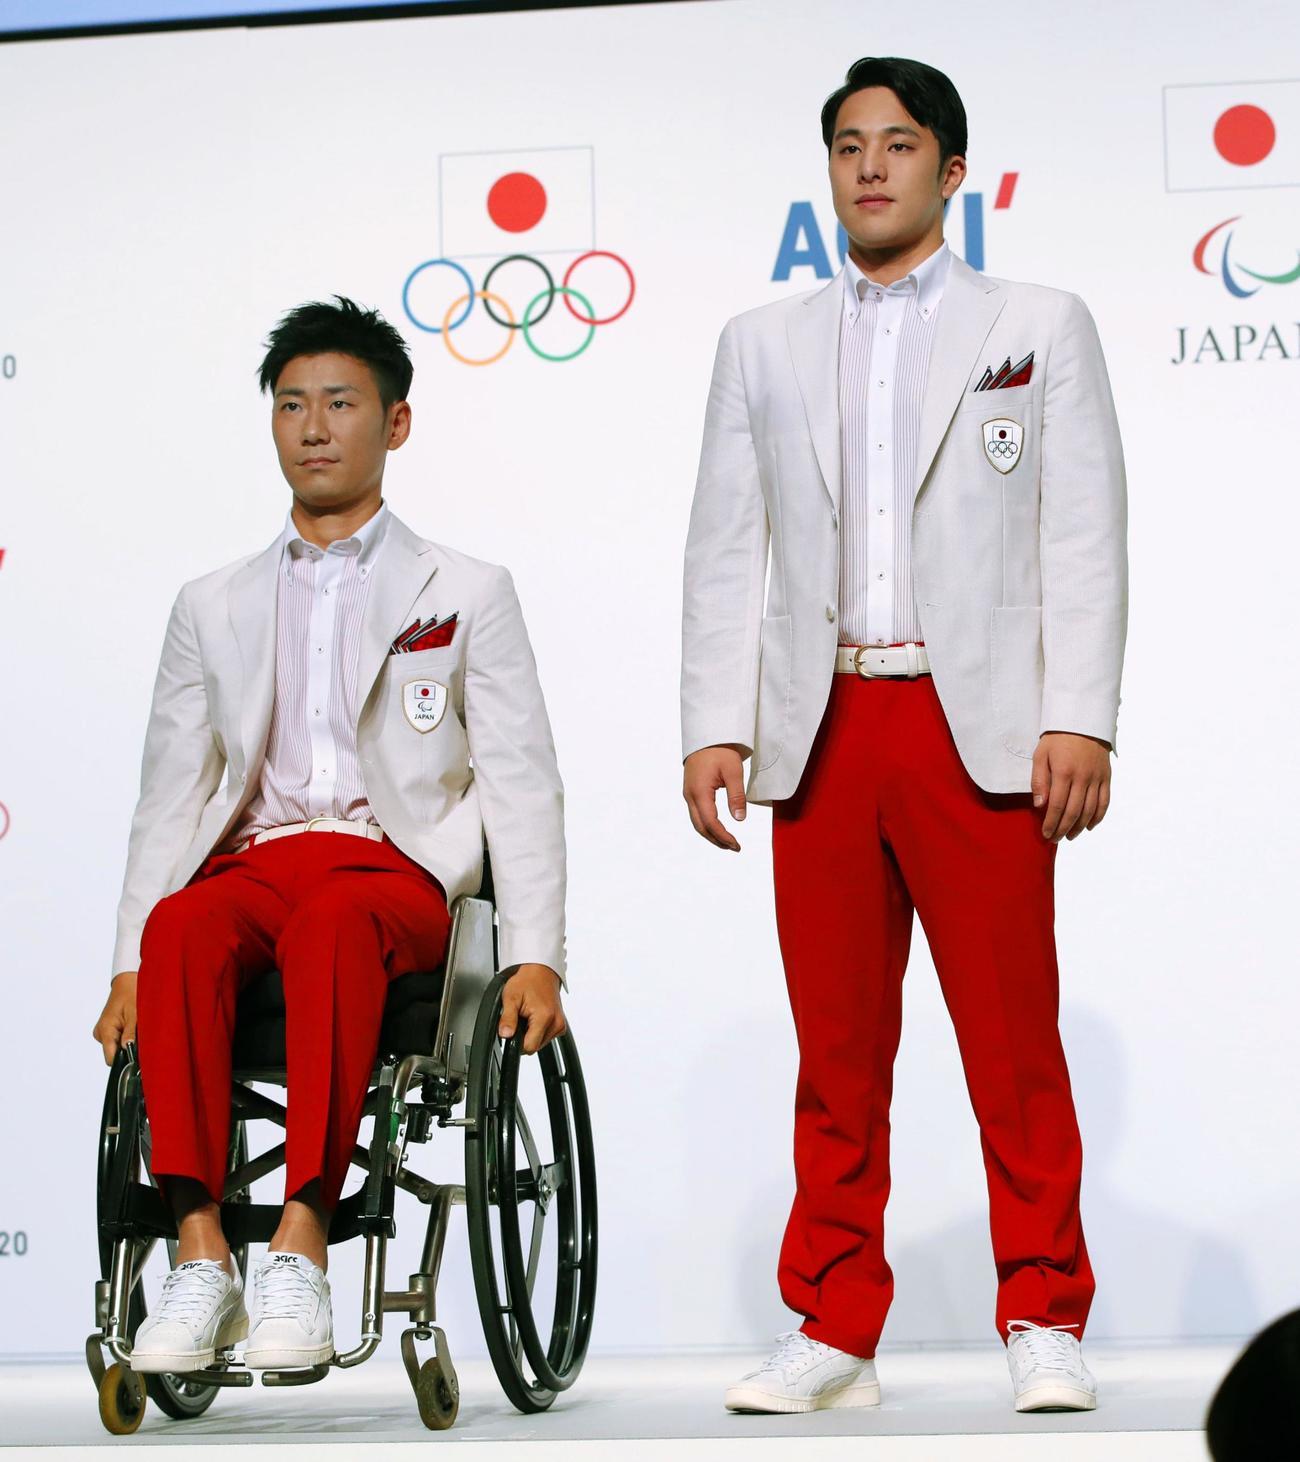 東京オリンピック(五輪)・パラリンピックの開会式用の公式服装に身を包み登場した競泳の瀬戸大也選手(右)とパラ・アーチェリーの上山友裕選手(共同)